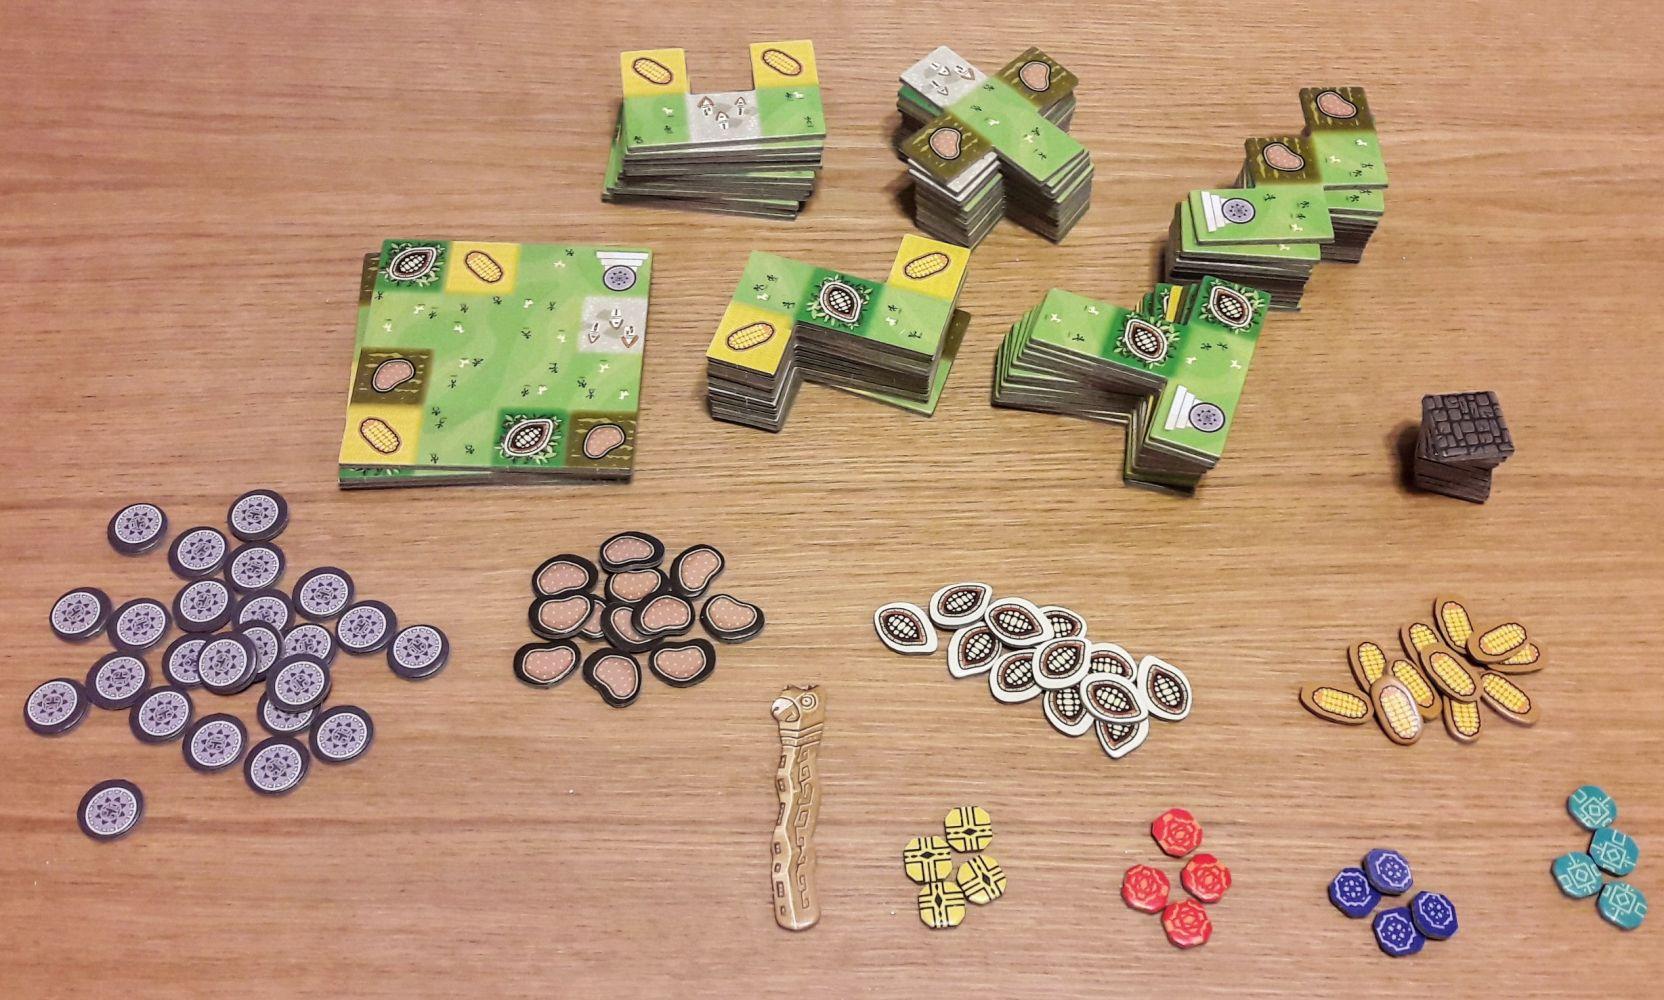 Une fois dépunché, on a plein de tuiles de 5 formes différentes et des jetons ressources, des pièces, et des jetons joueurs.